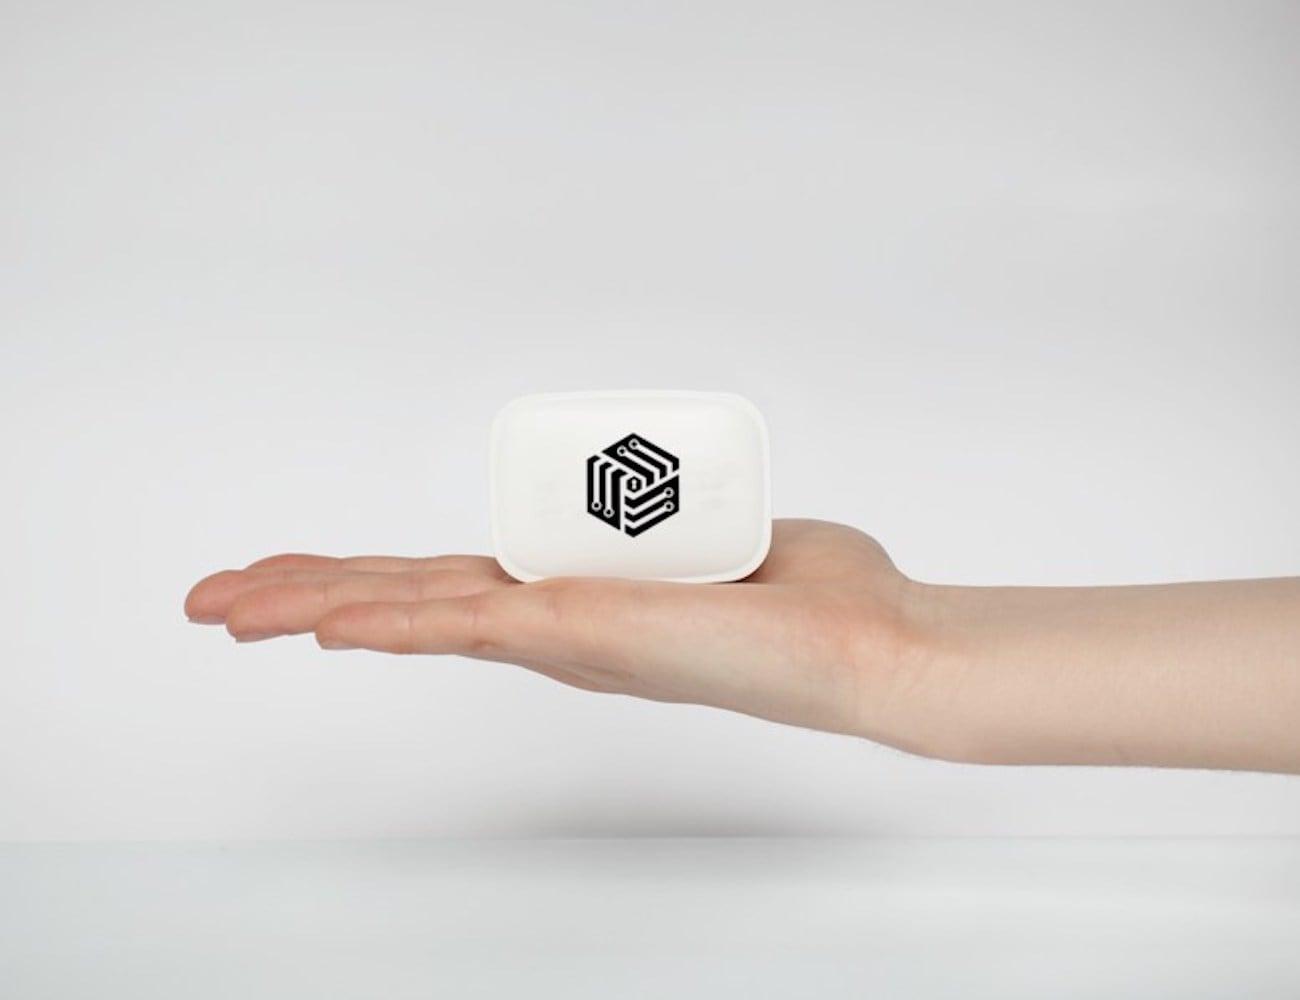 InvizBox Home VPN Router